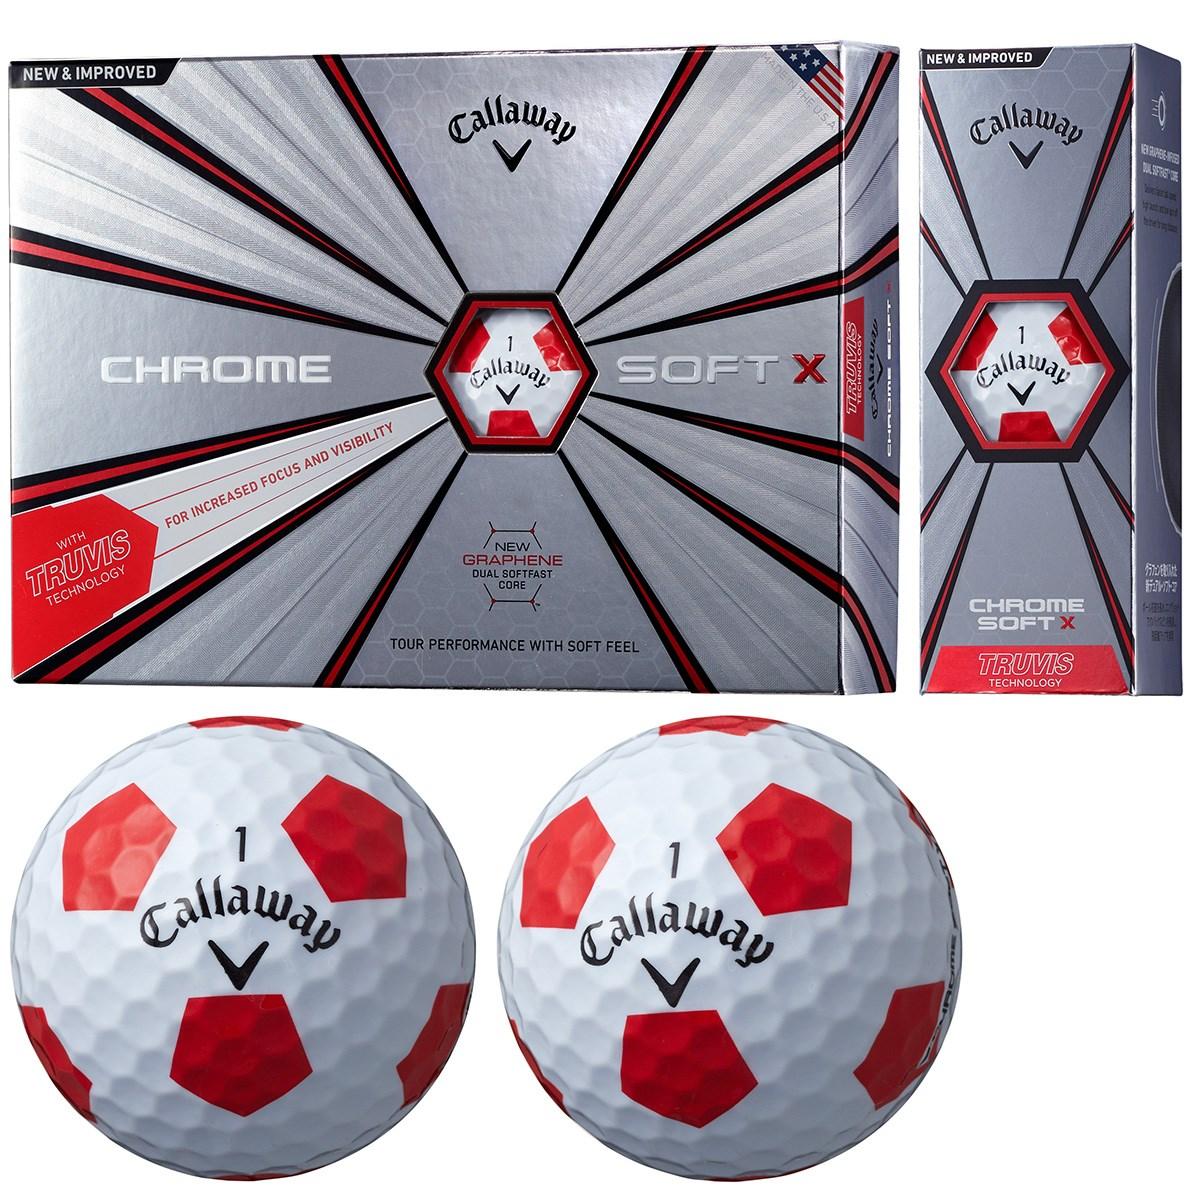 キャロウェイゴルフ CHROM SOFT CHROME SOFT X TRUVIS ボール 1ダース(12個入り) ホワイト/レッド